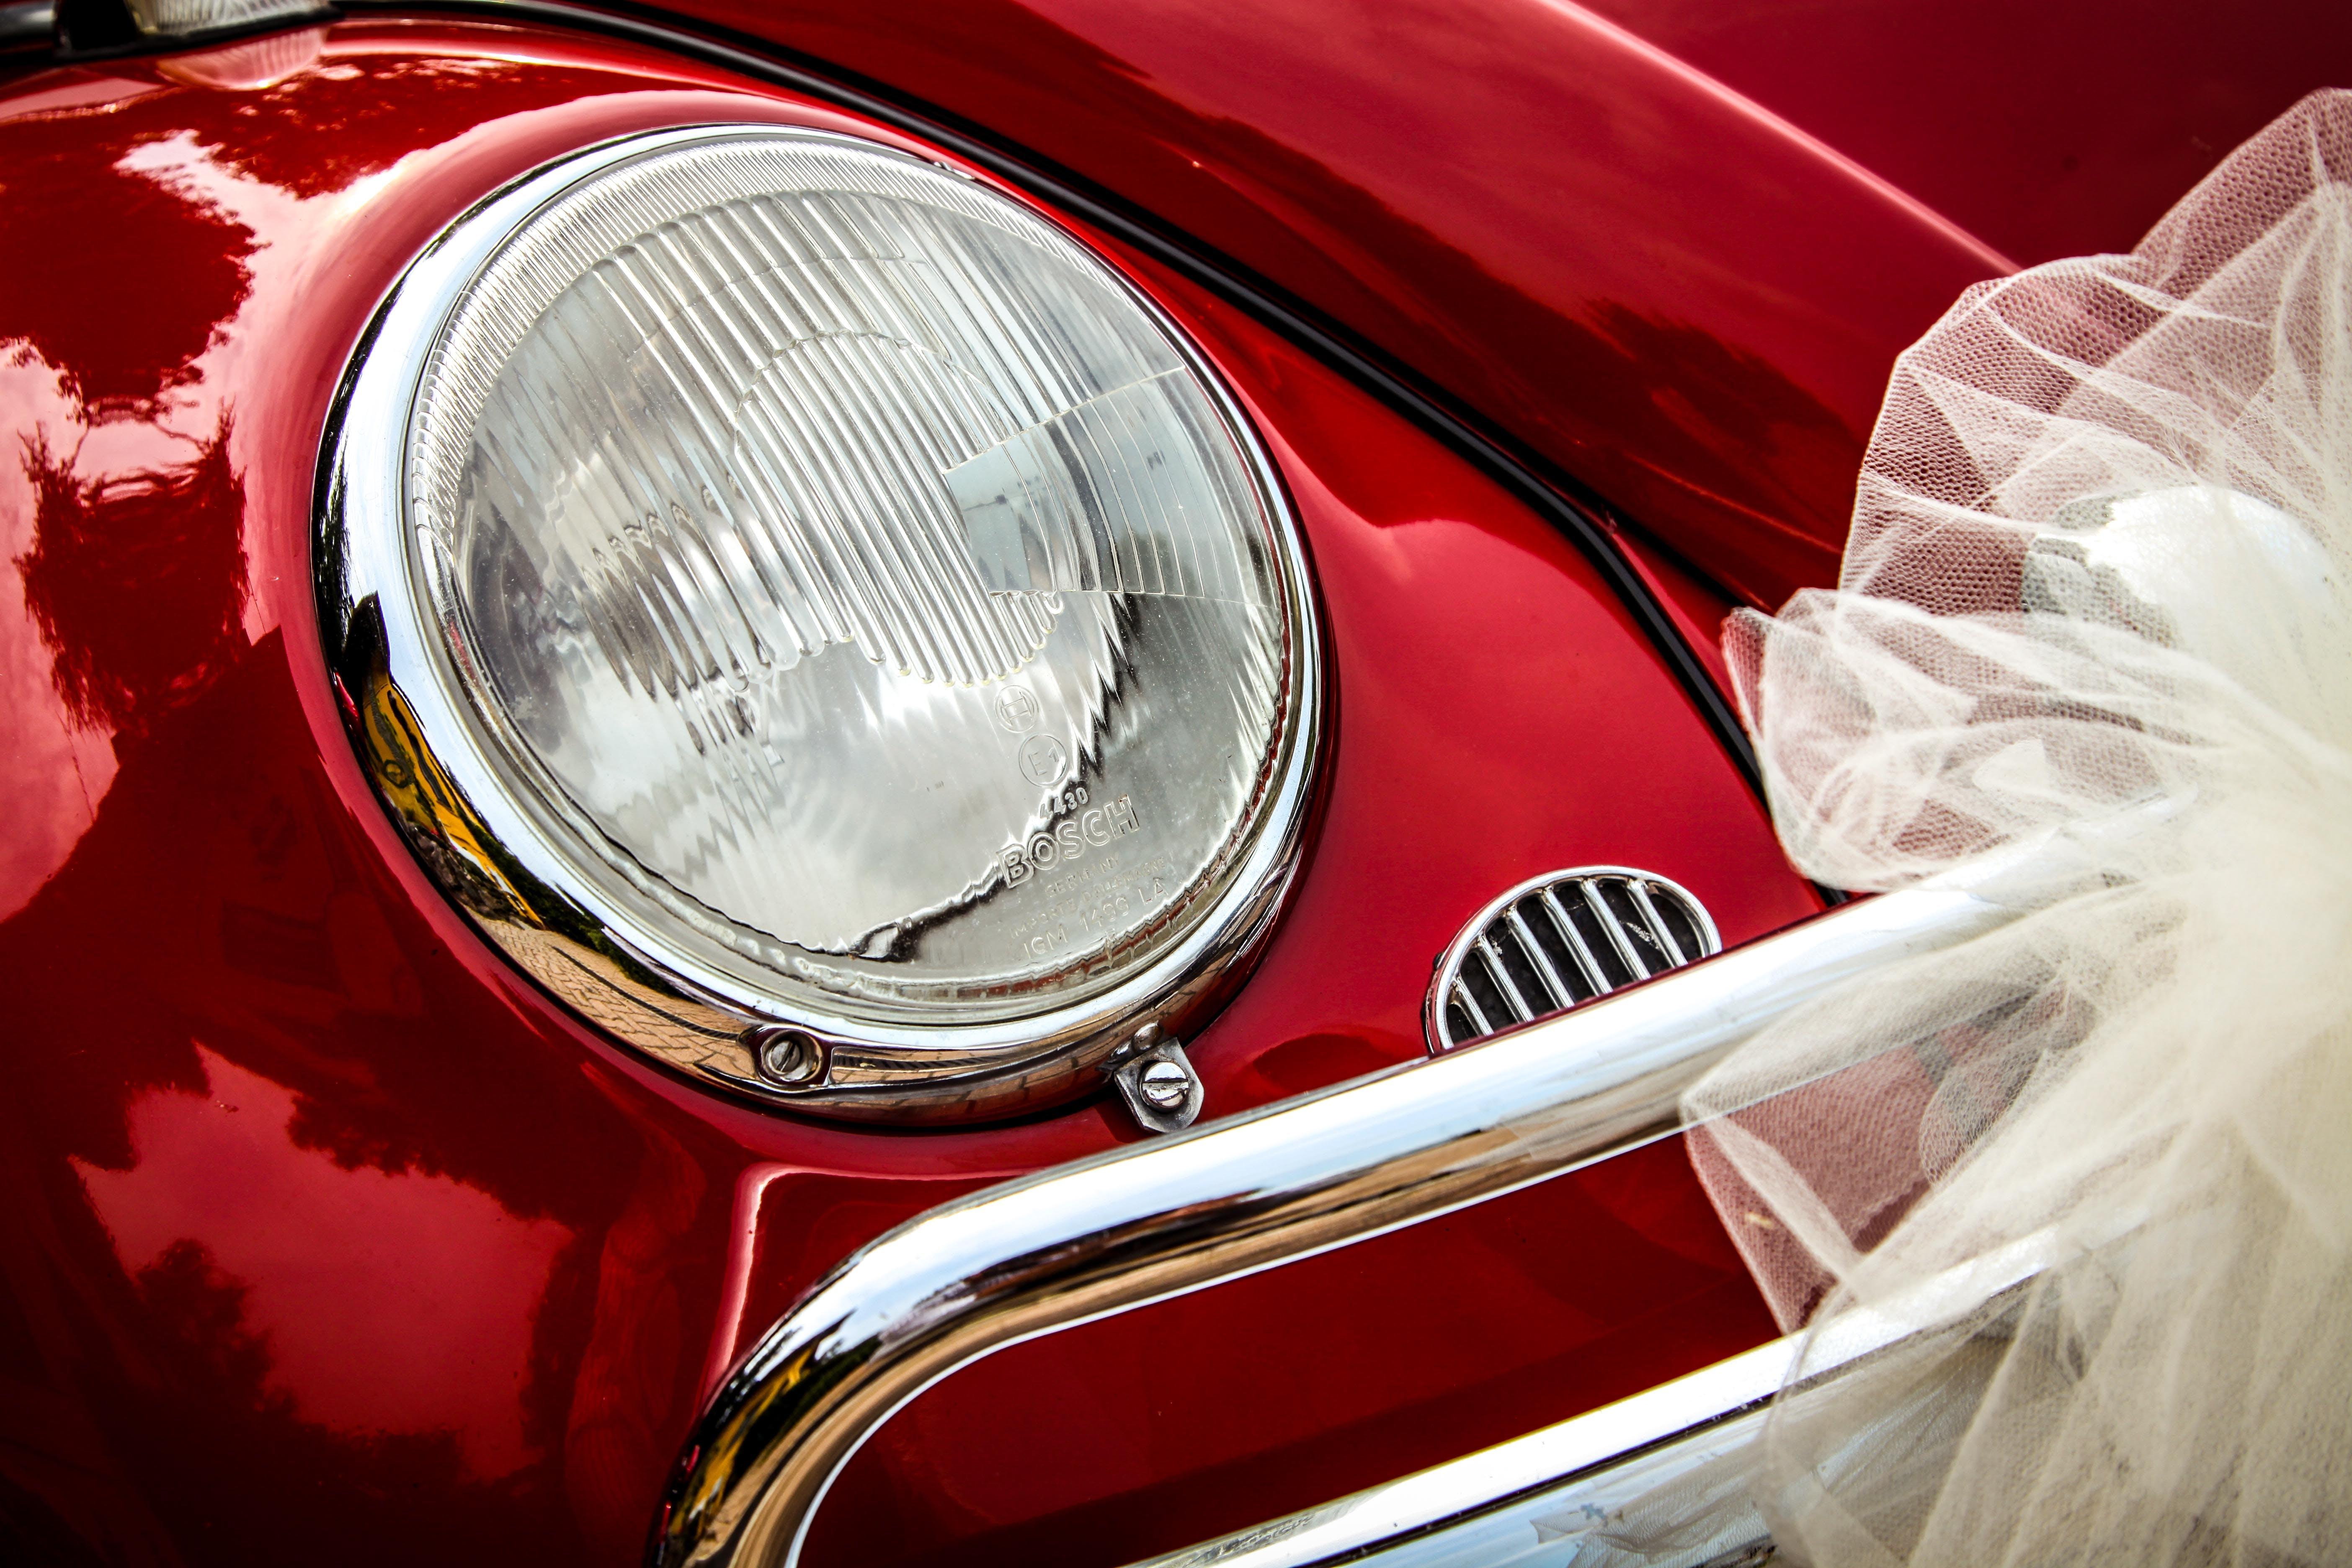 årgang, bil, boble